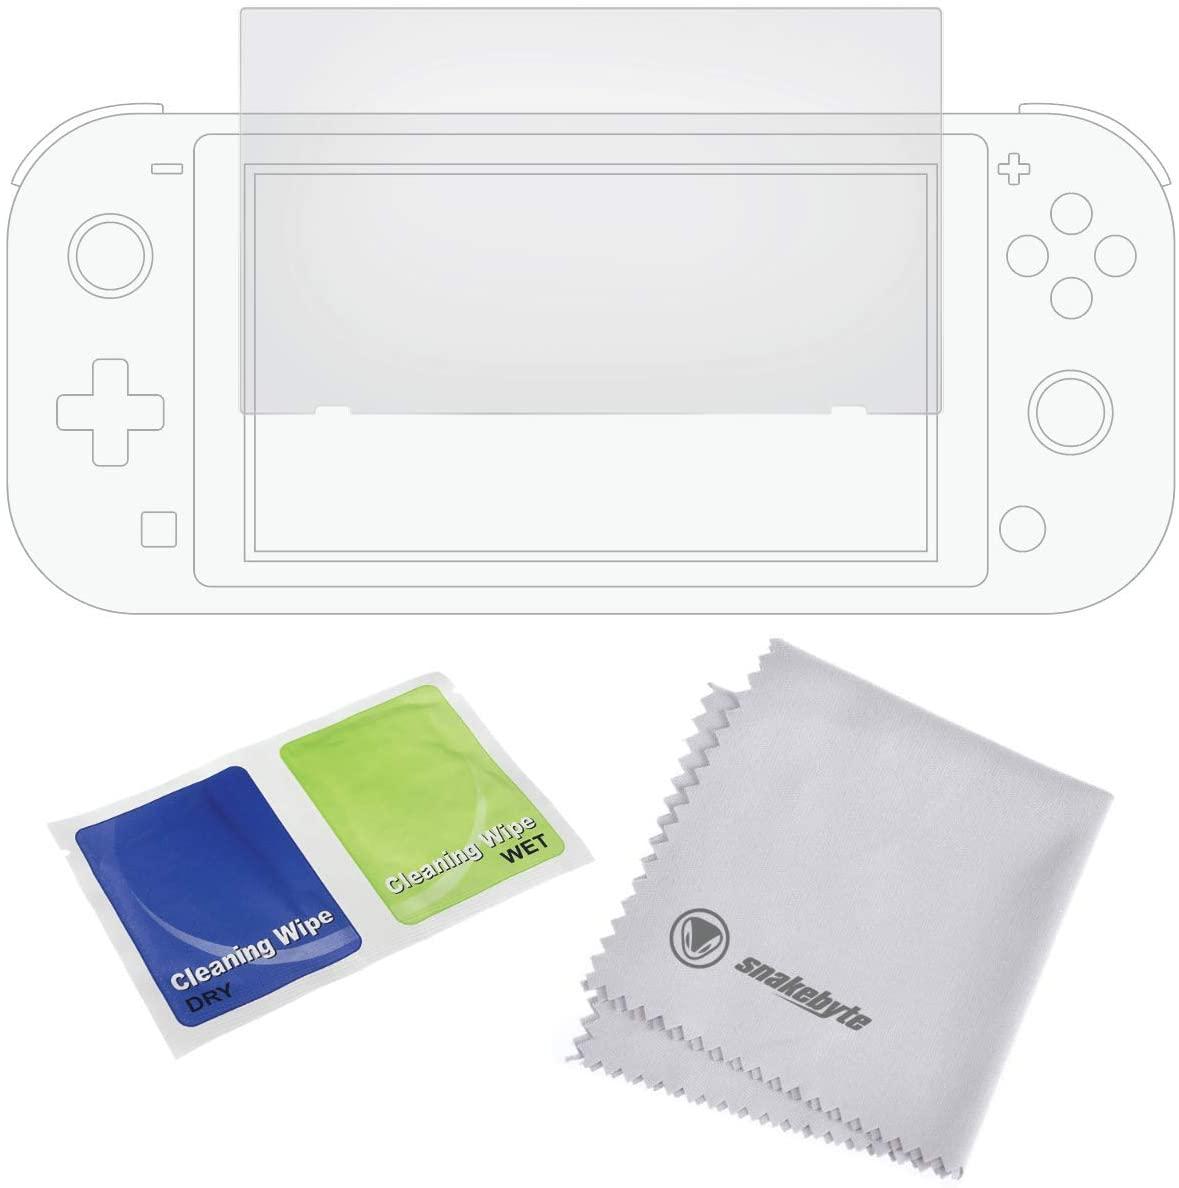 SnakeByte 任天堂 Switch スクリーン強化ガラスフィルム SCREEN:SHIELD PRO™ スクリーン:シールド プロ 強化ガラス製スクリーンプロテクター クリーニングクロス付